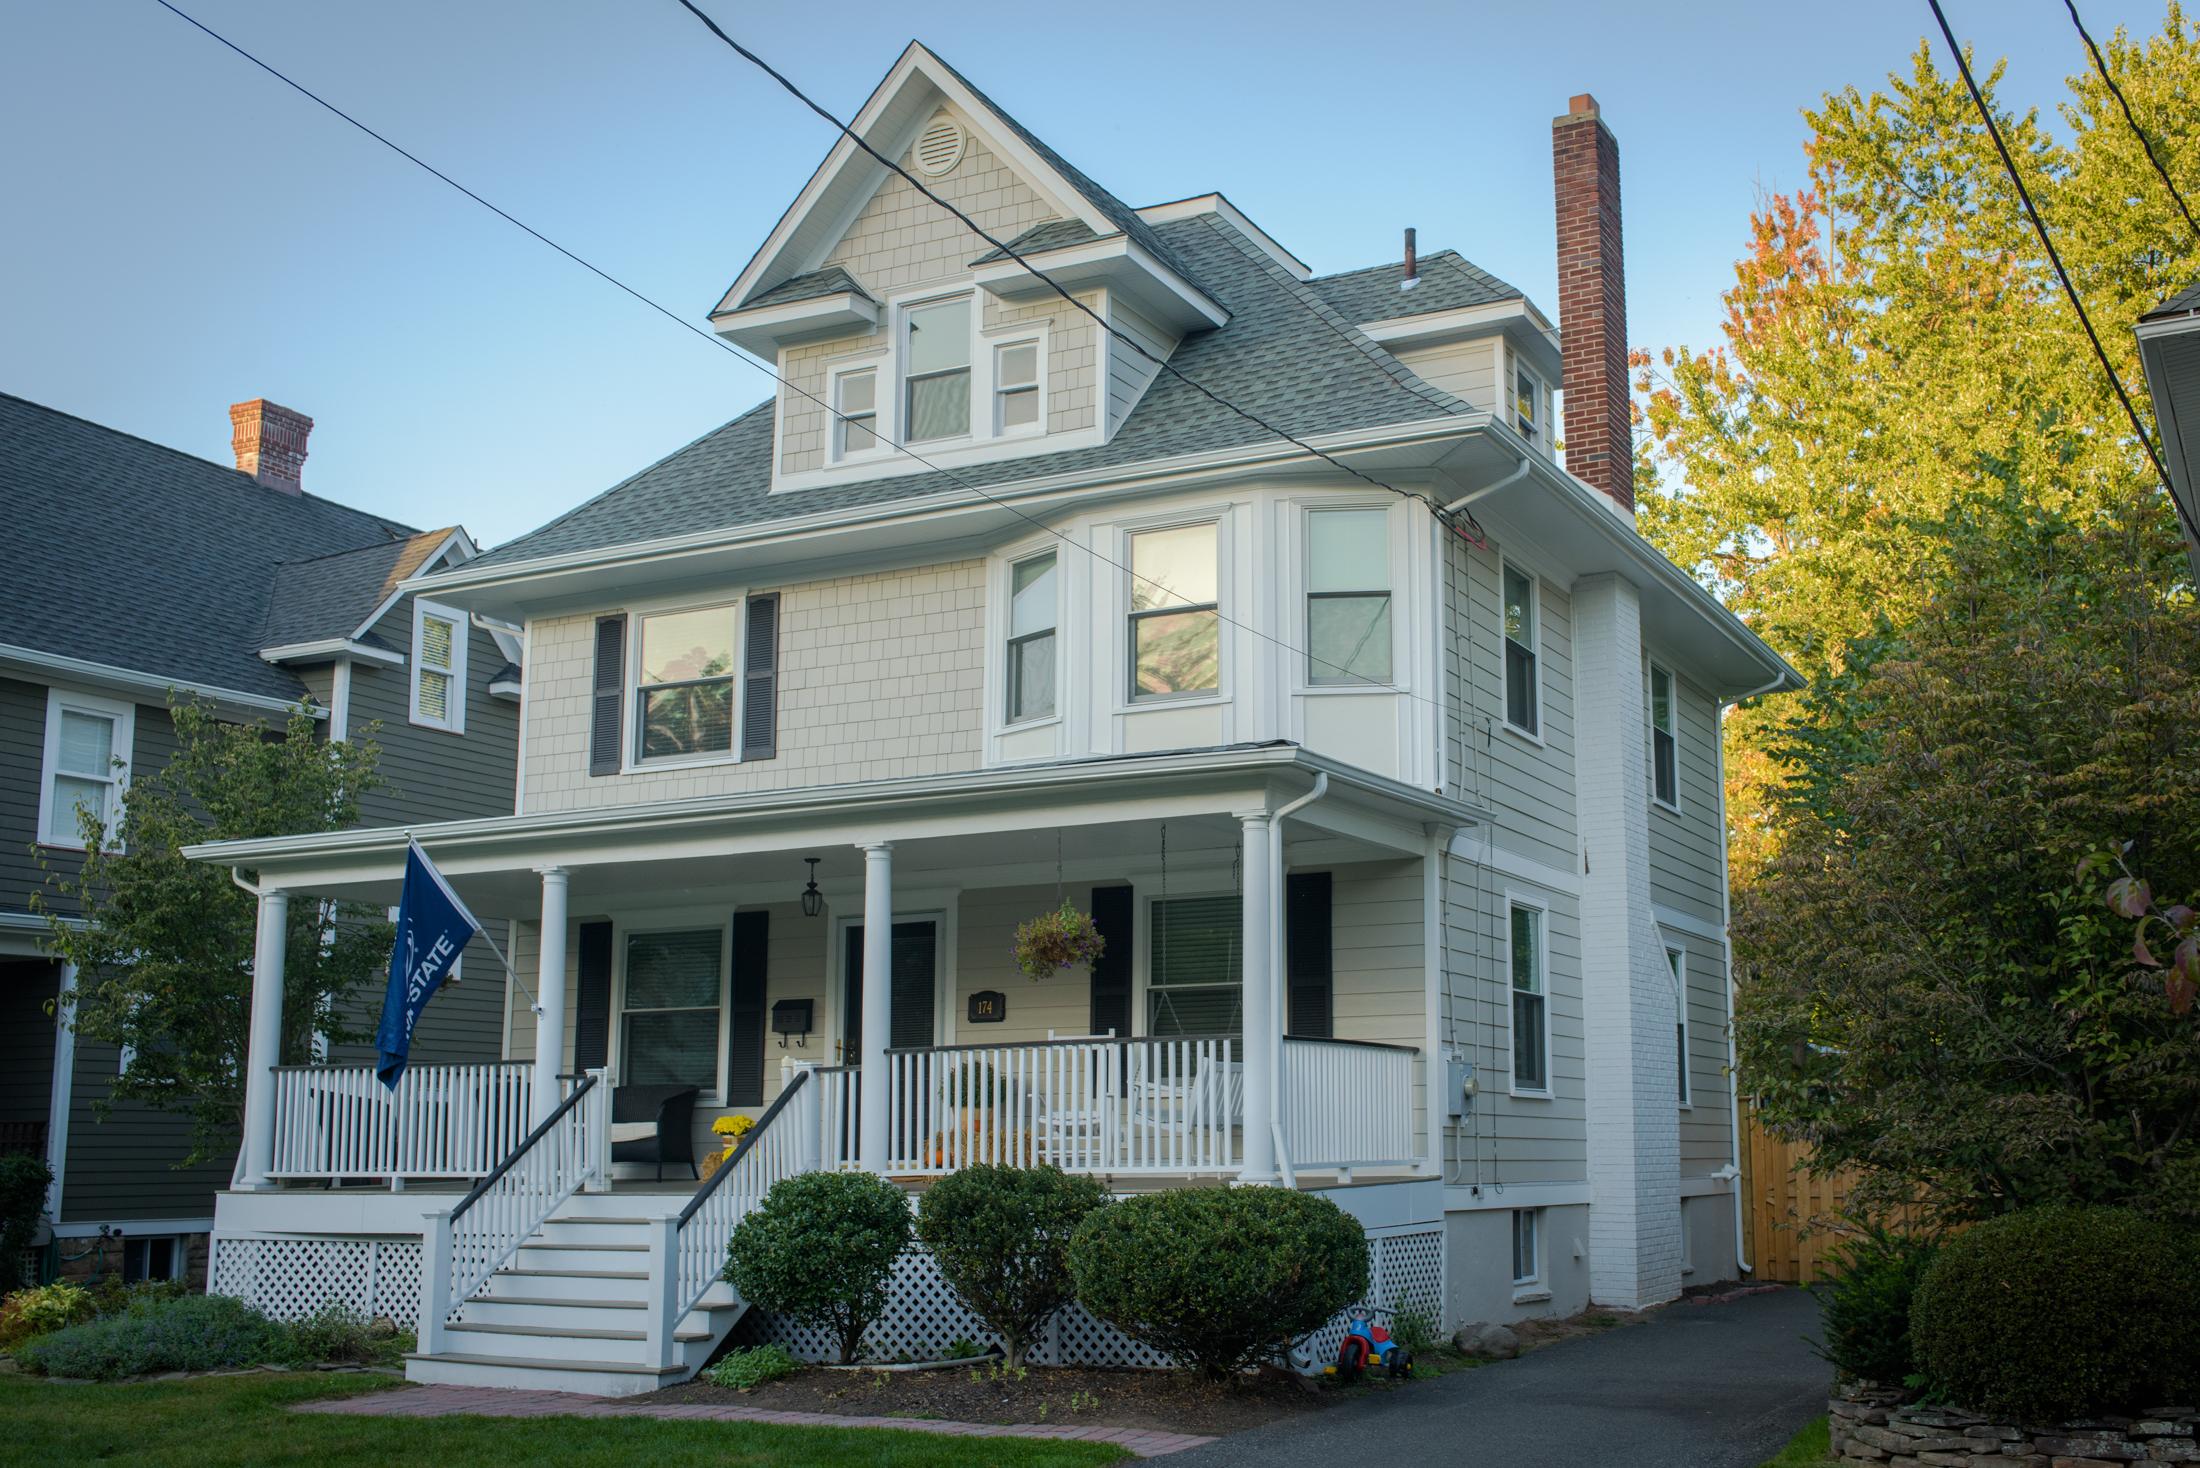 James Hardie Siding Home Remodel Westfield NJ